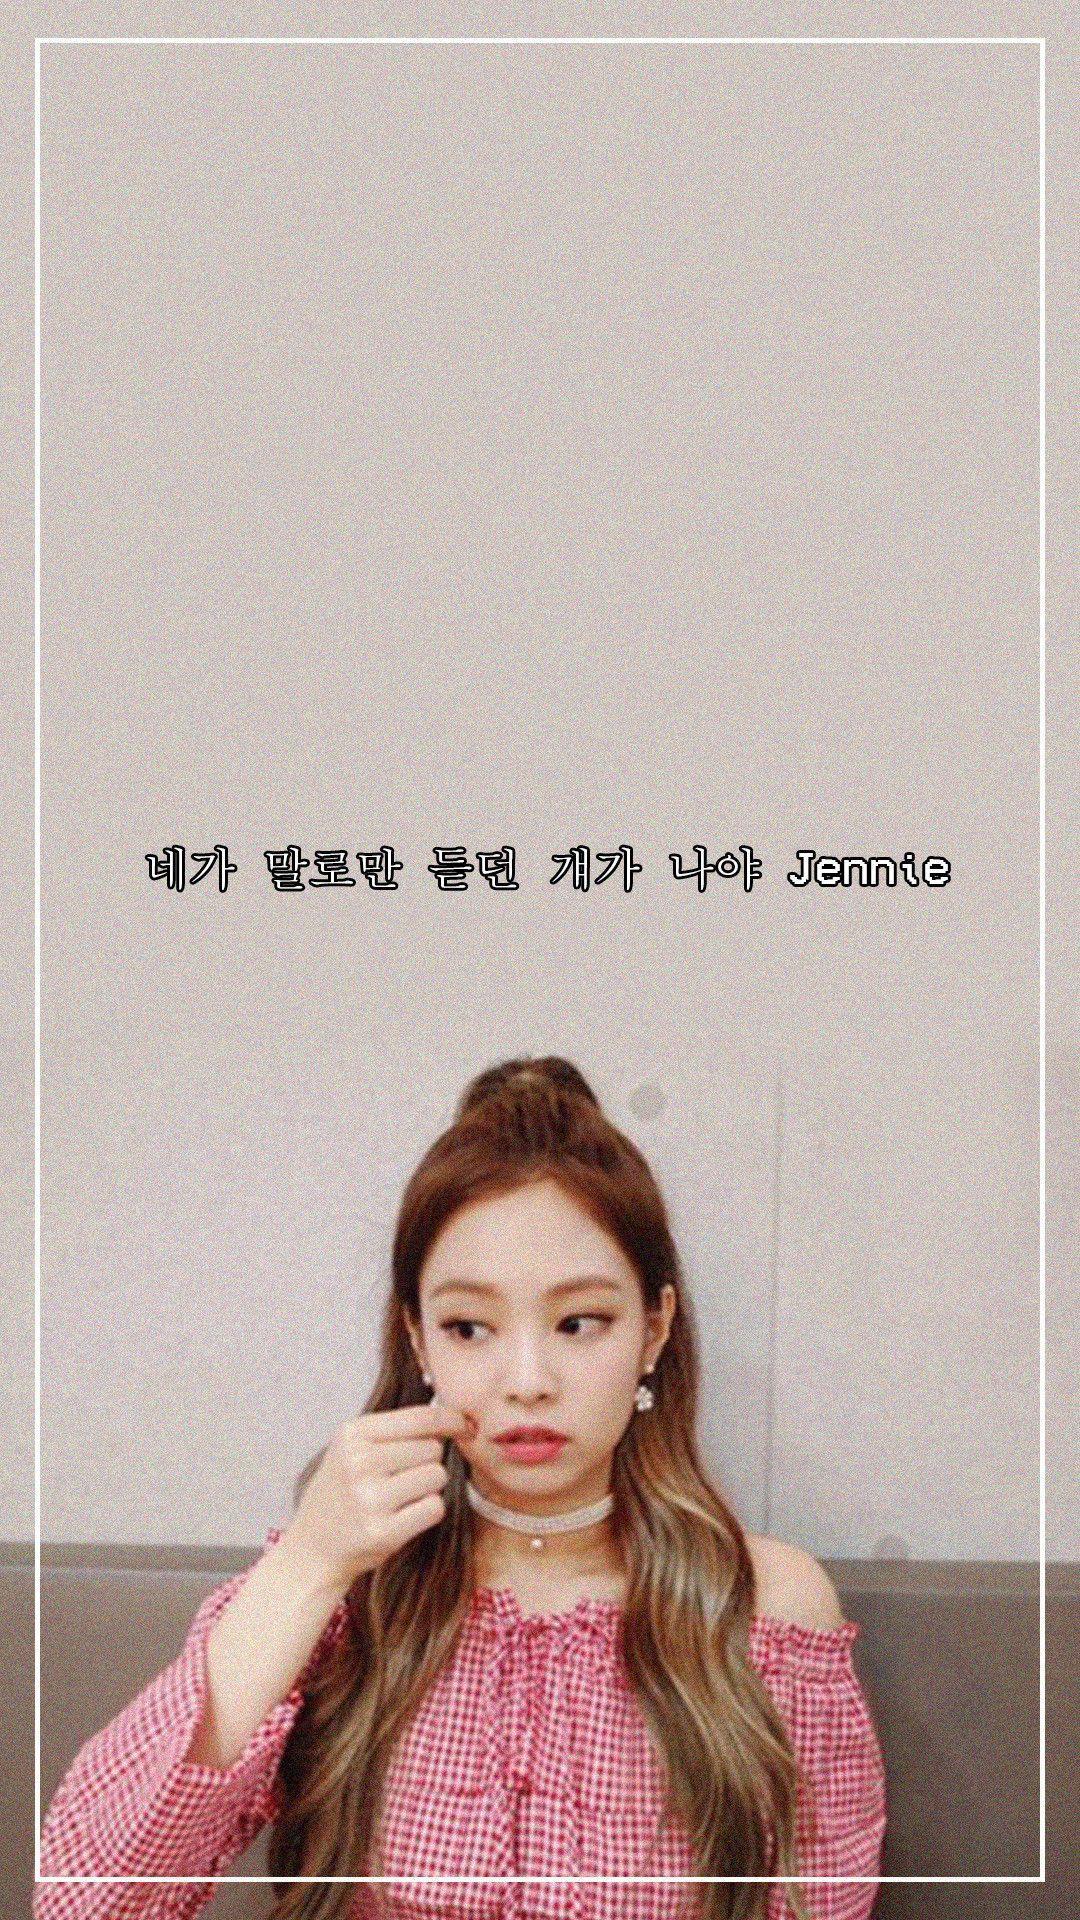 Download 1010+ Wallpaper Hp Cantik HD Terbaru